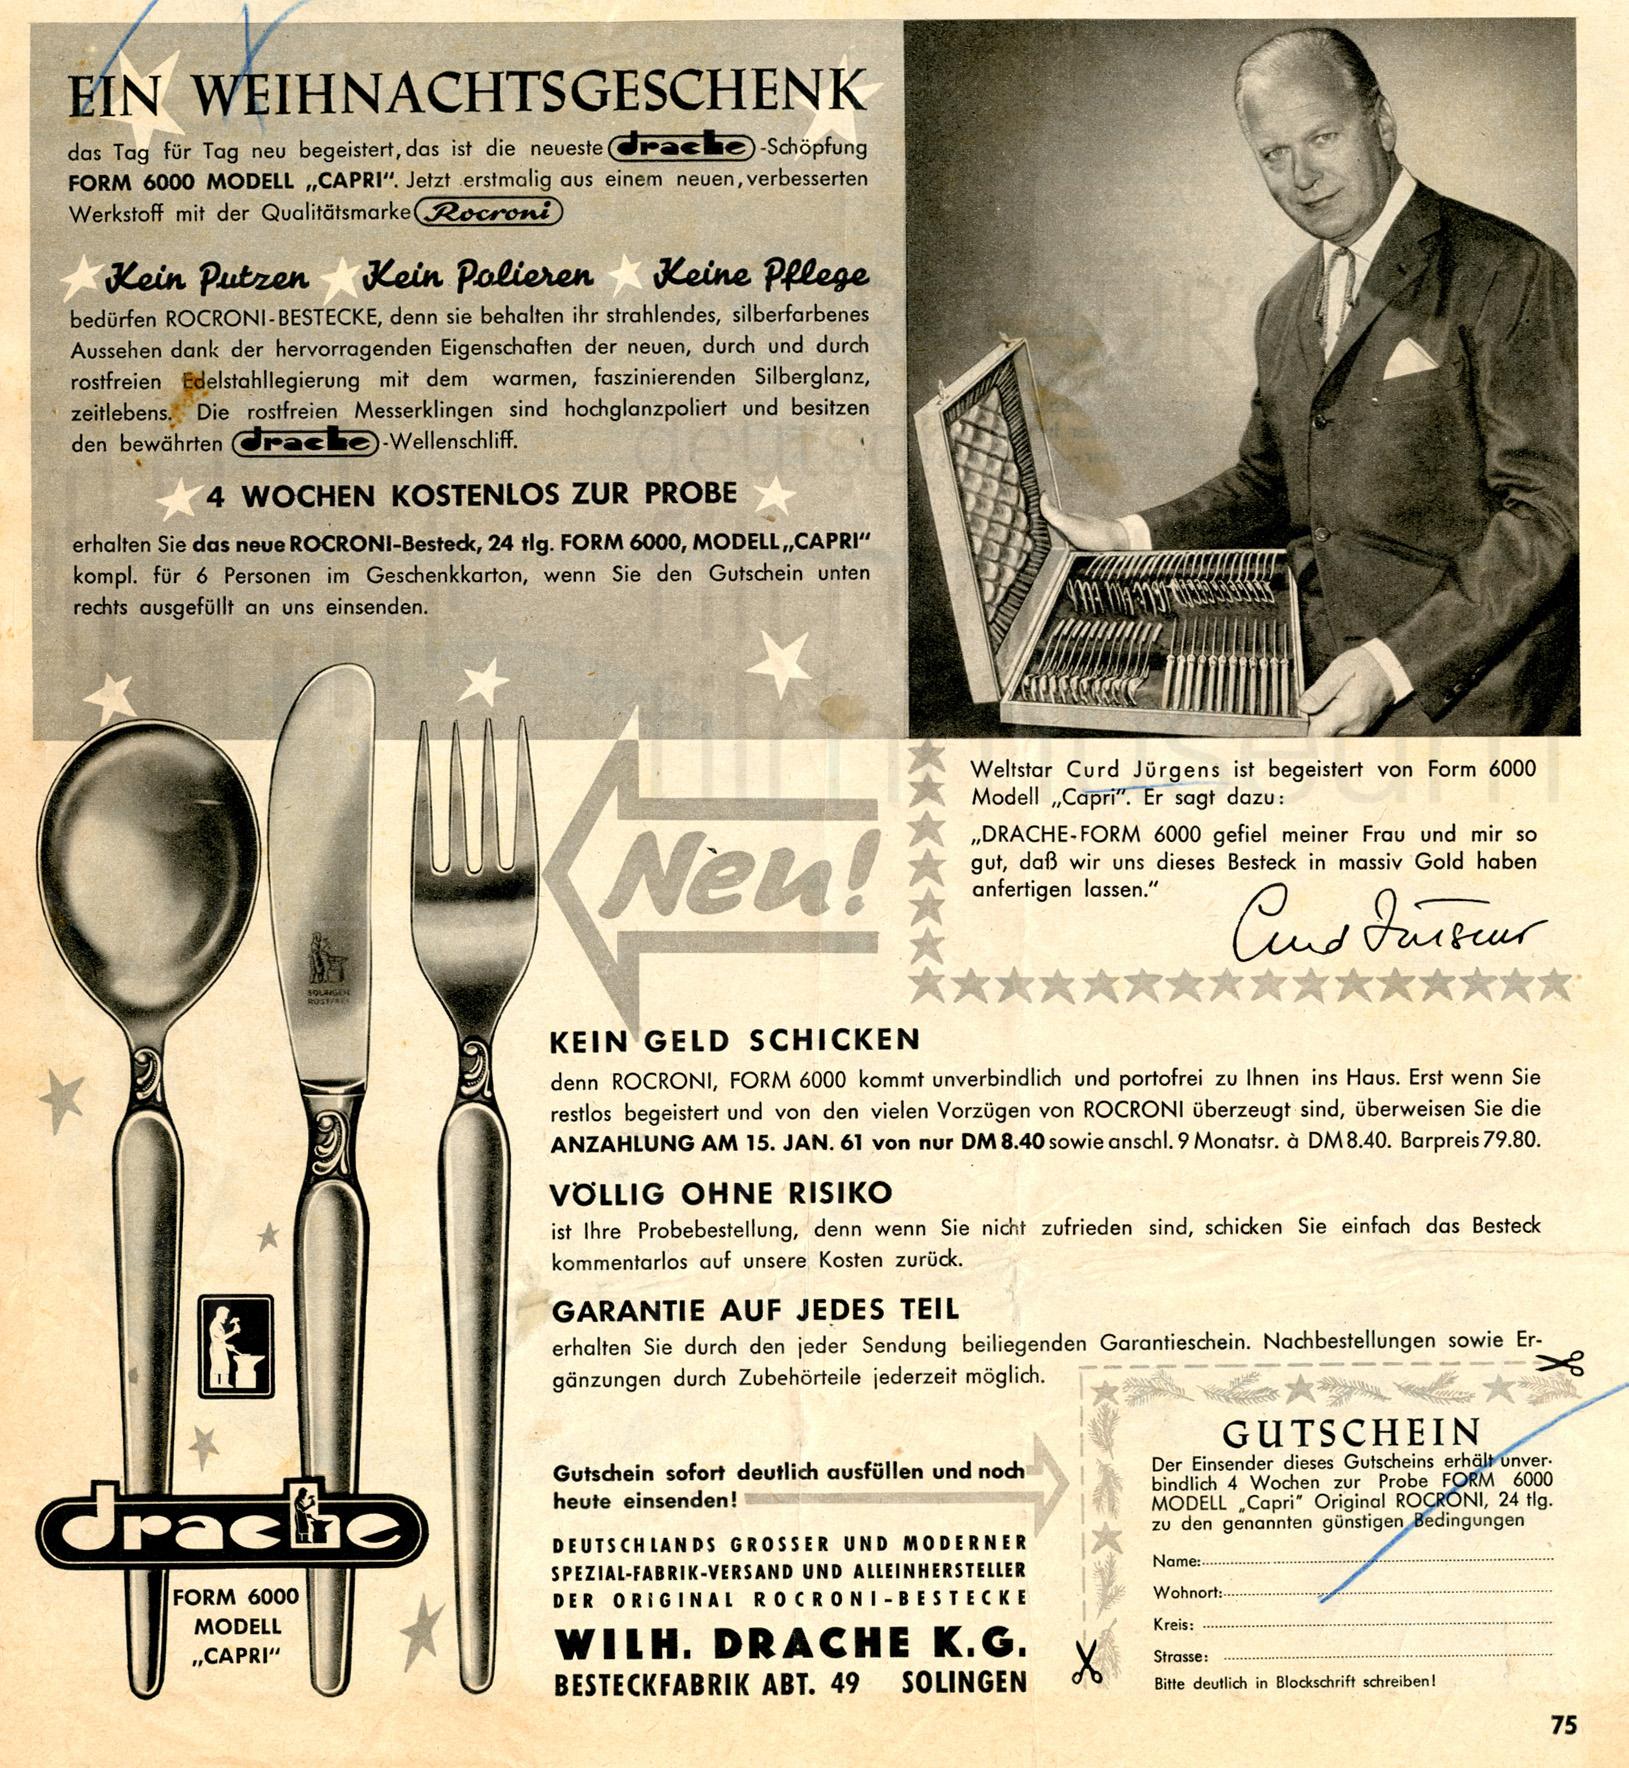 Werbung für Besteck der Marke DRACHE, 1960